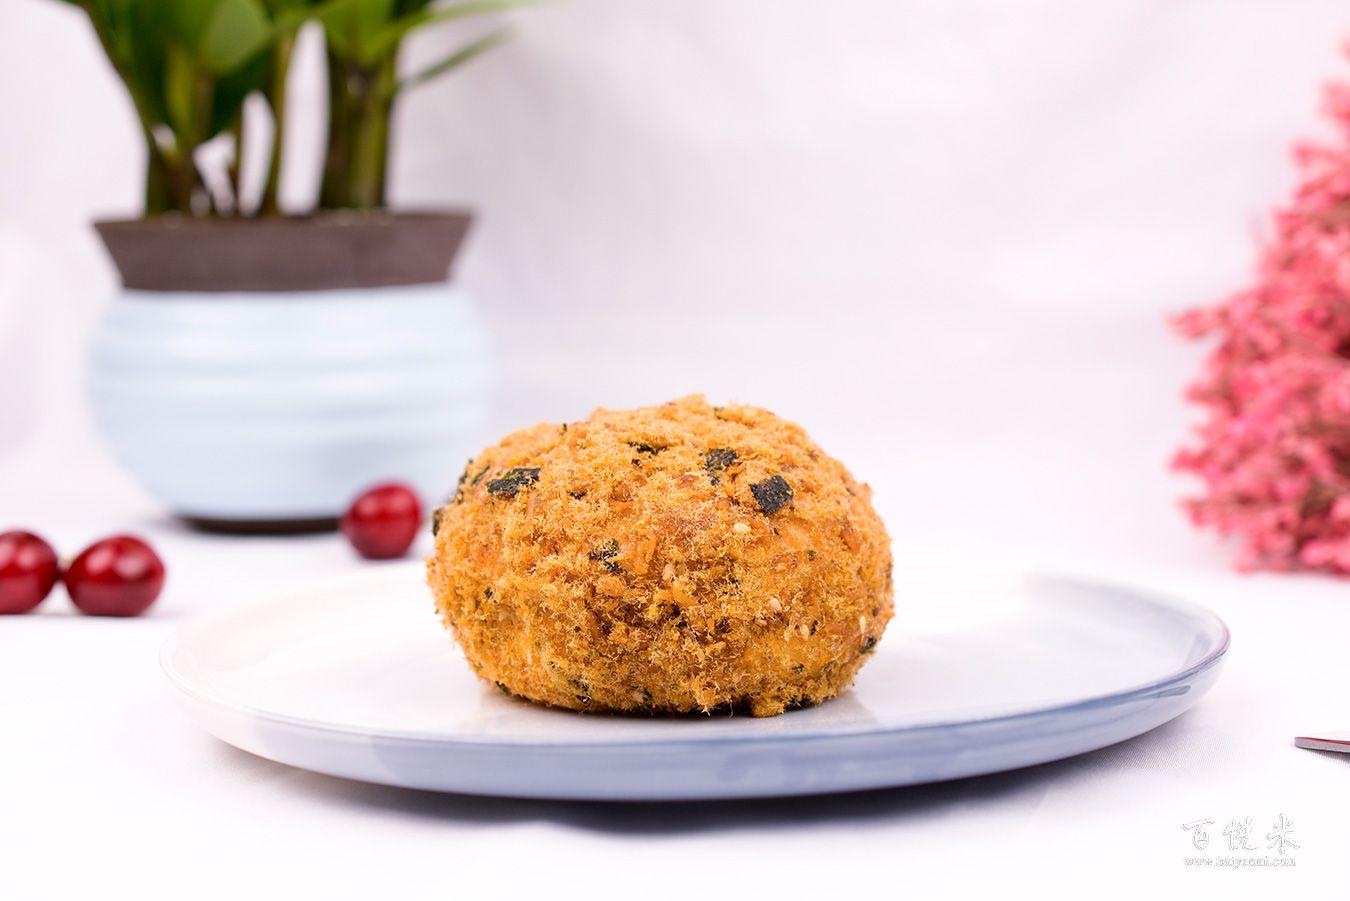 肉松小贝蛋糕高清图片大全【蛋糕图片】_388